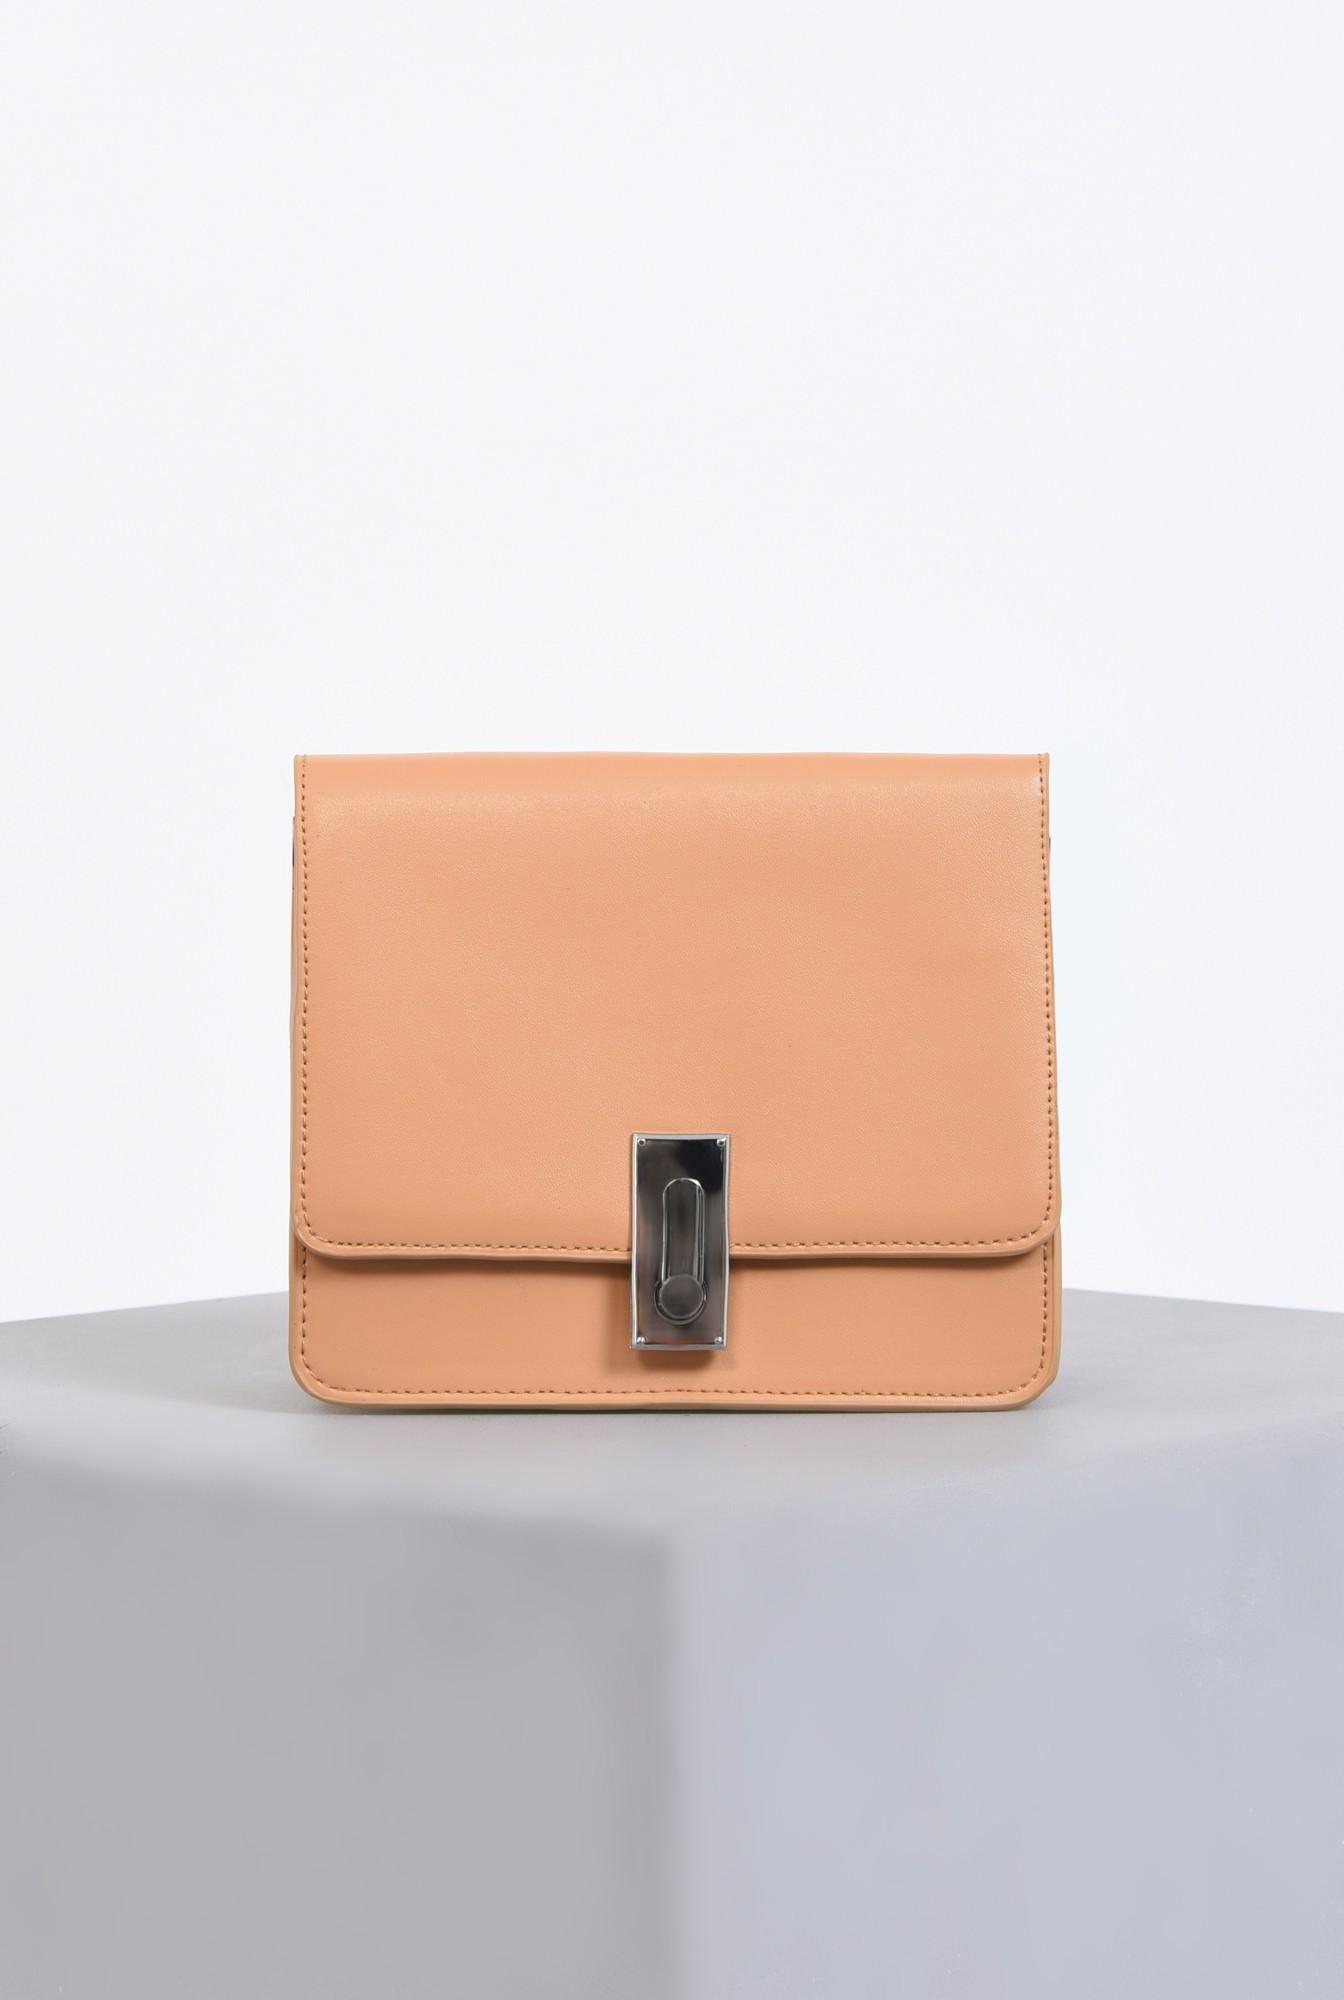 0 - geanta casual, crem, piele ecologica